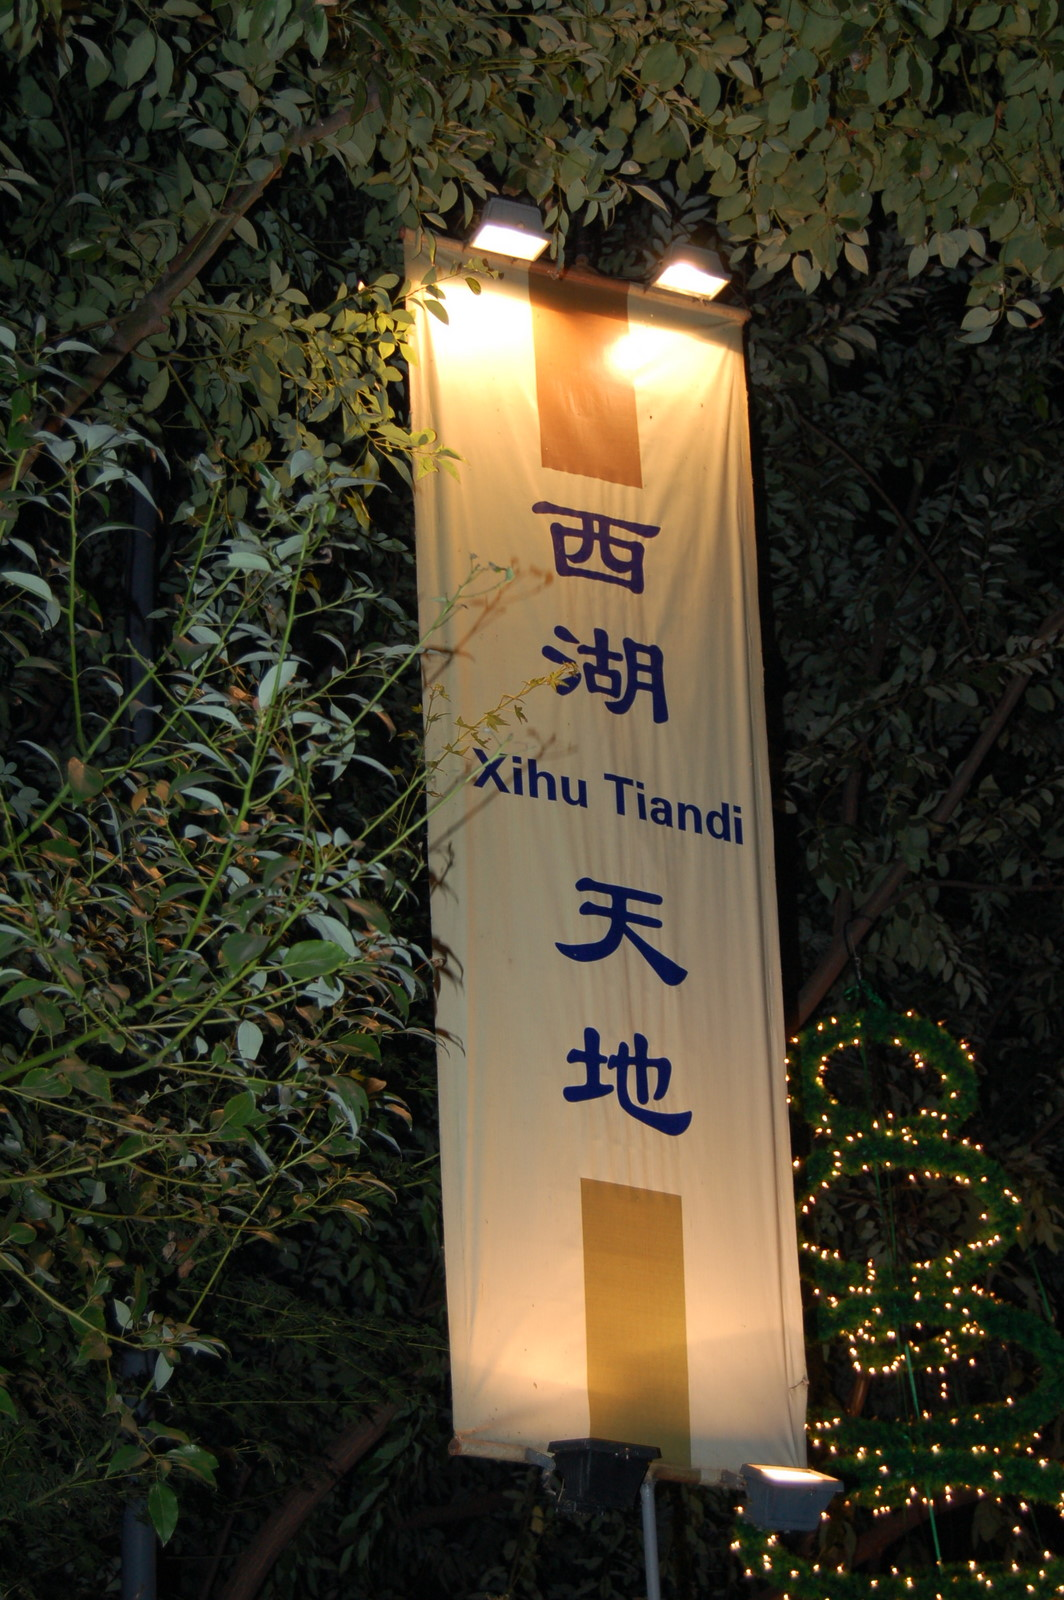 Xi Hu Tian Di!